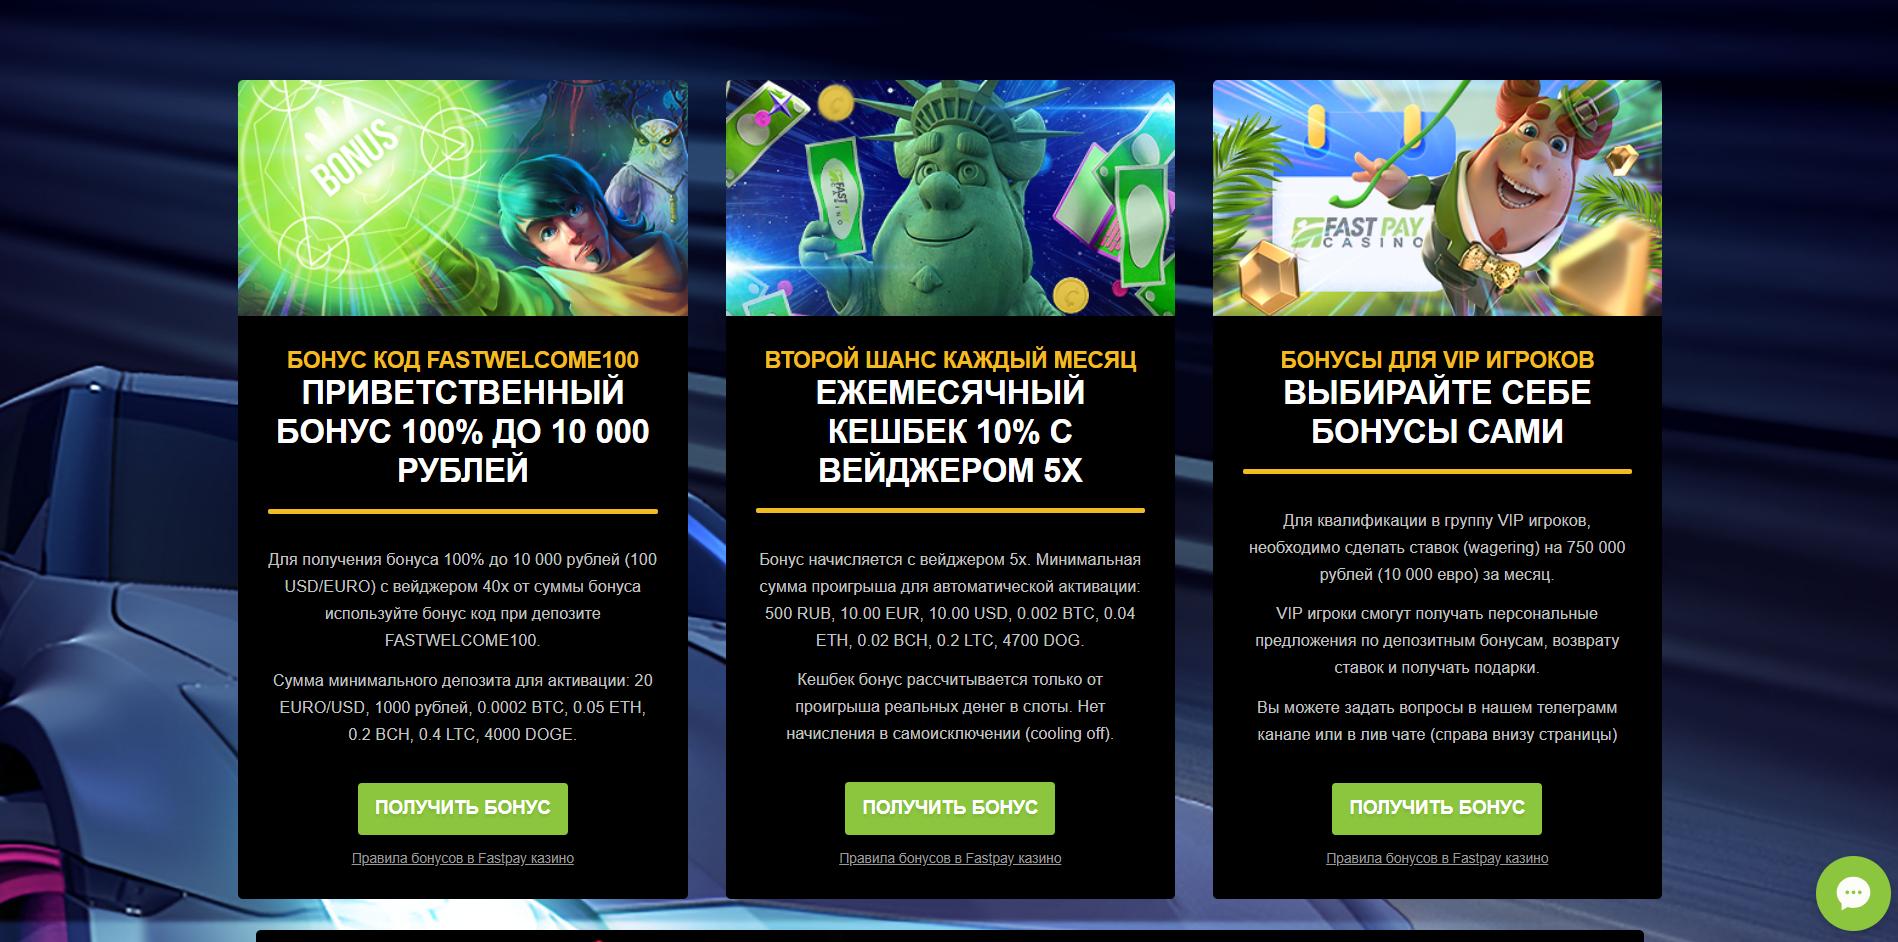 официальный сайт фаст плей казино отзывы